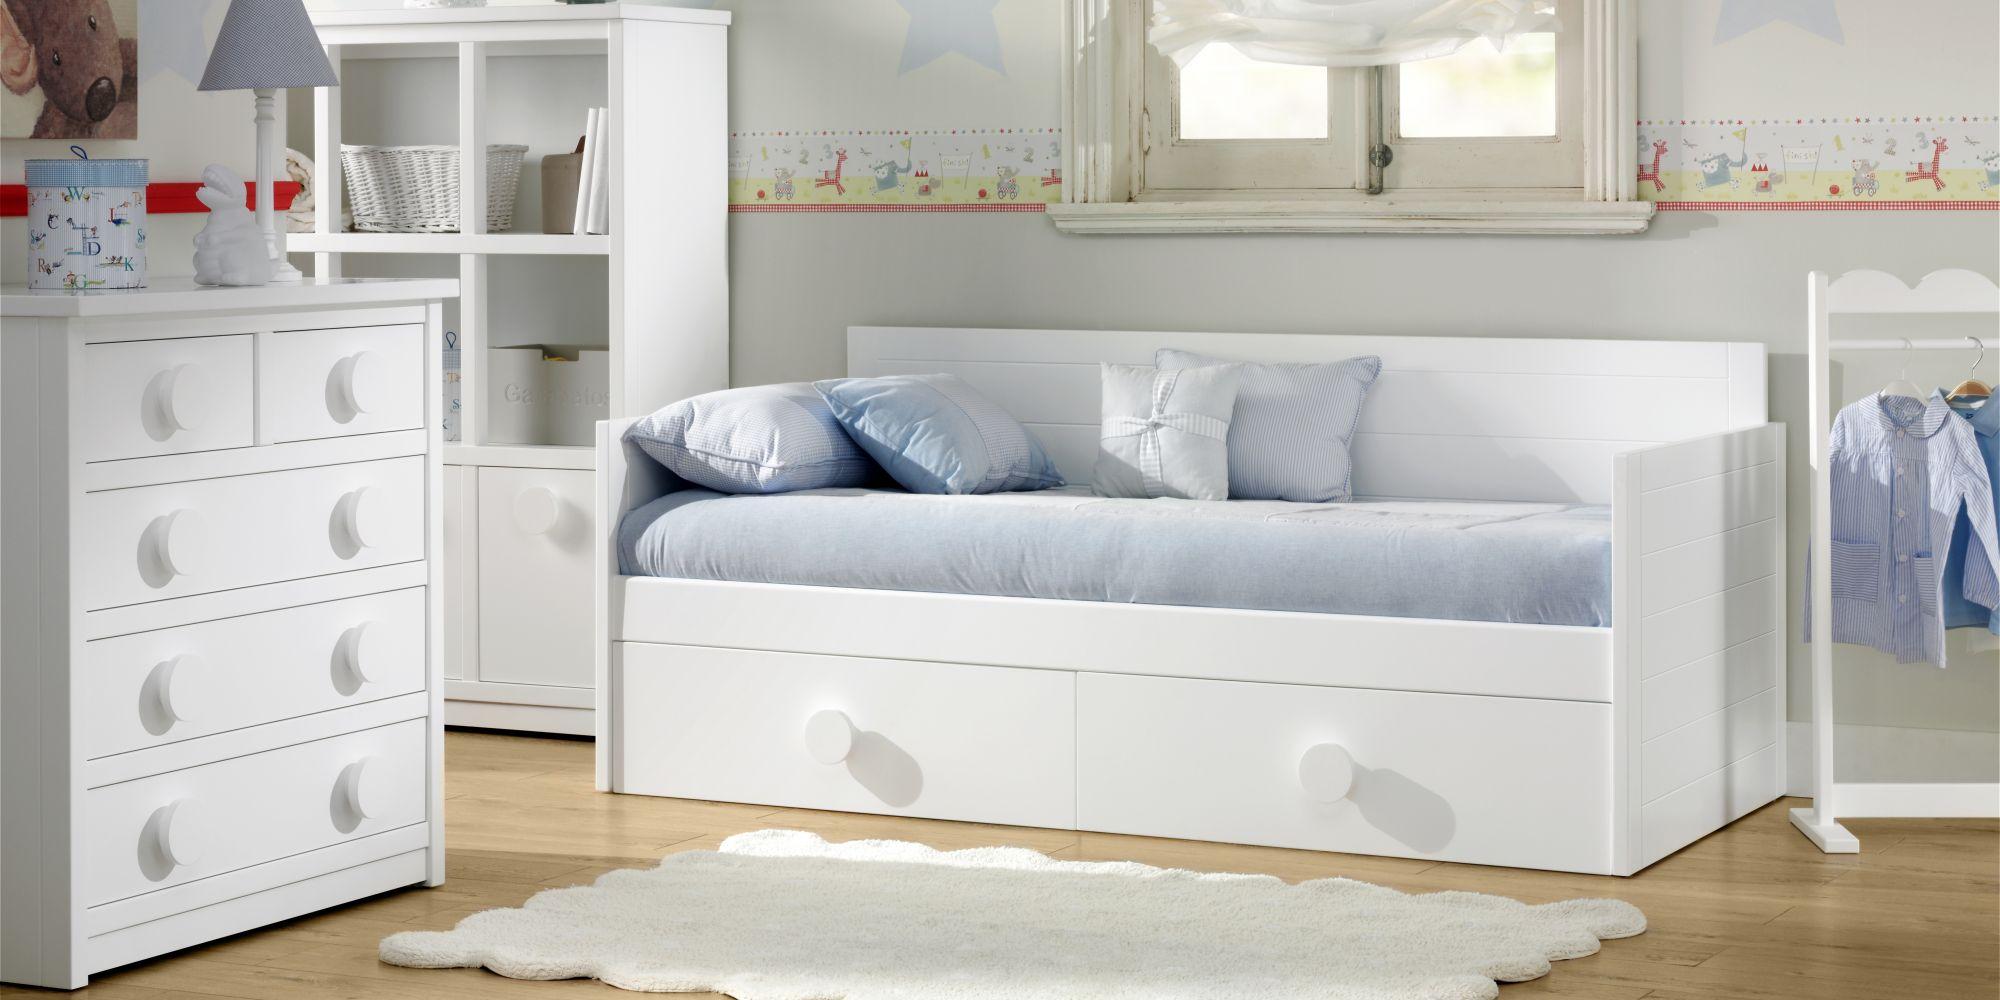 Nido con 2 cajones y cómoda de 5 cajones, ideal para habitación infantil   Mueble Infantil